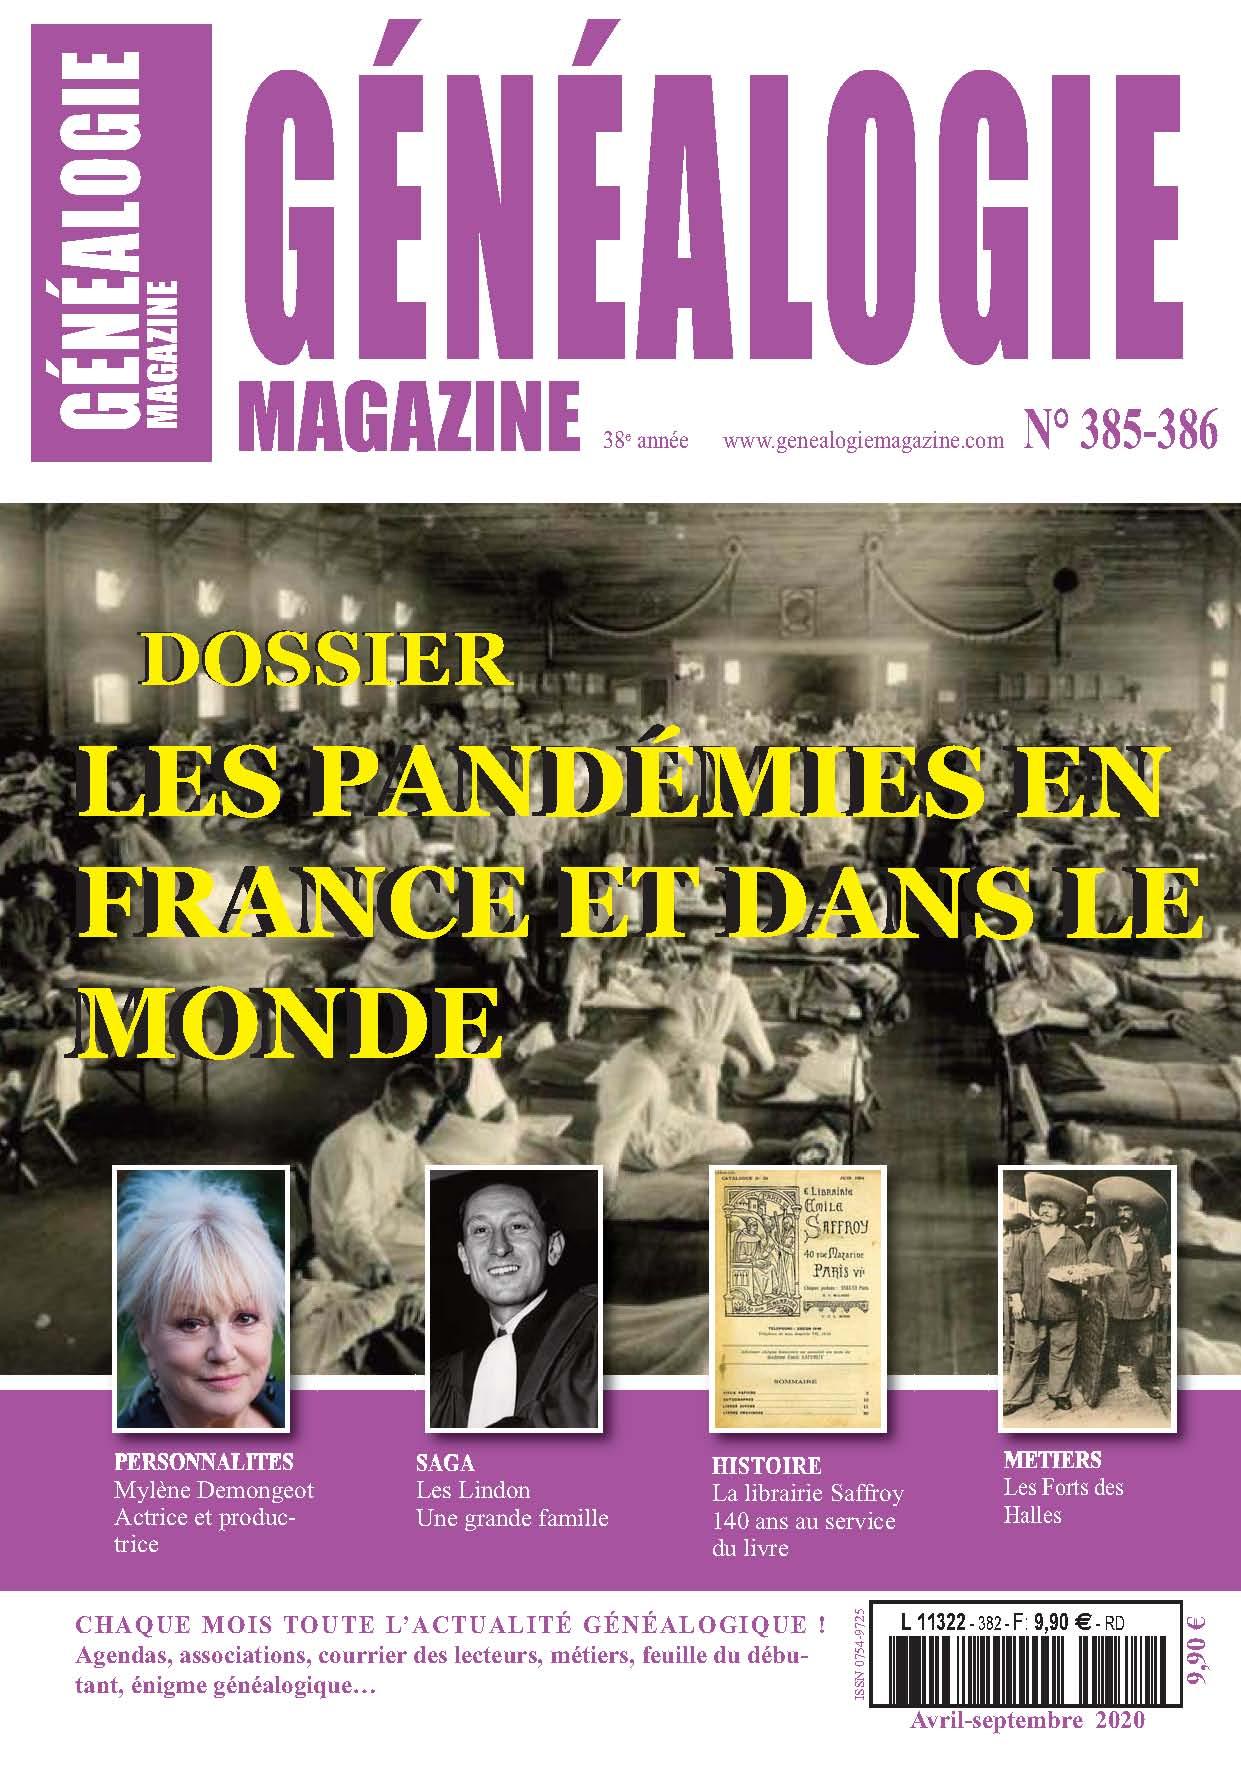 Impression de la revue Généalogie Magazine 385-386